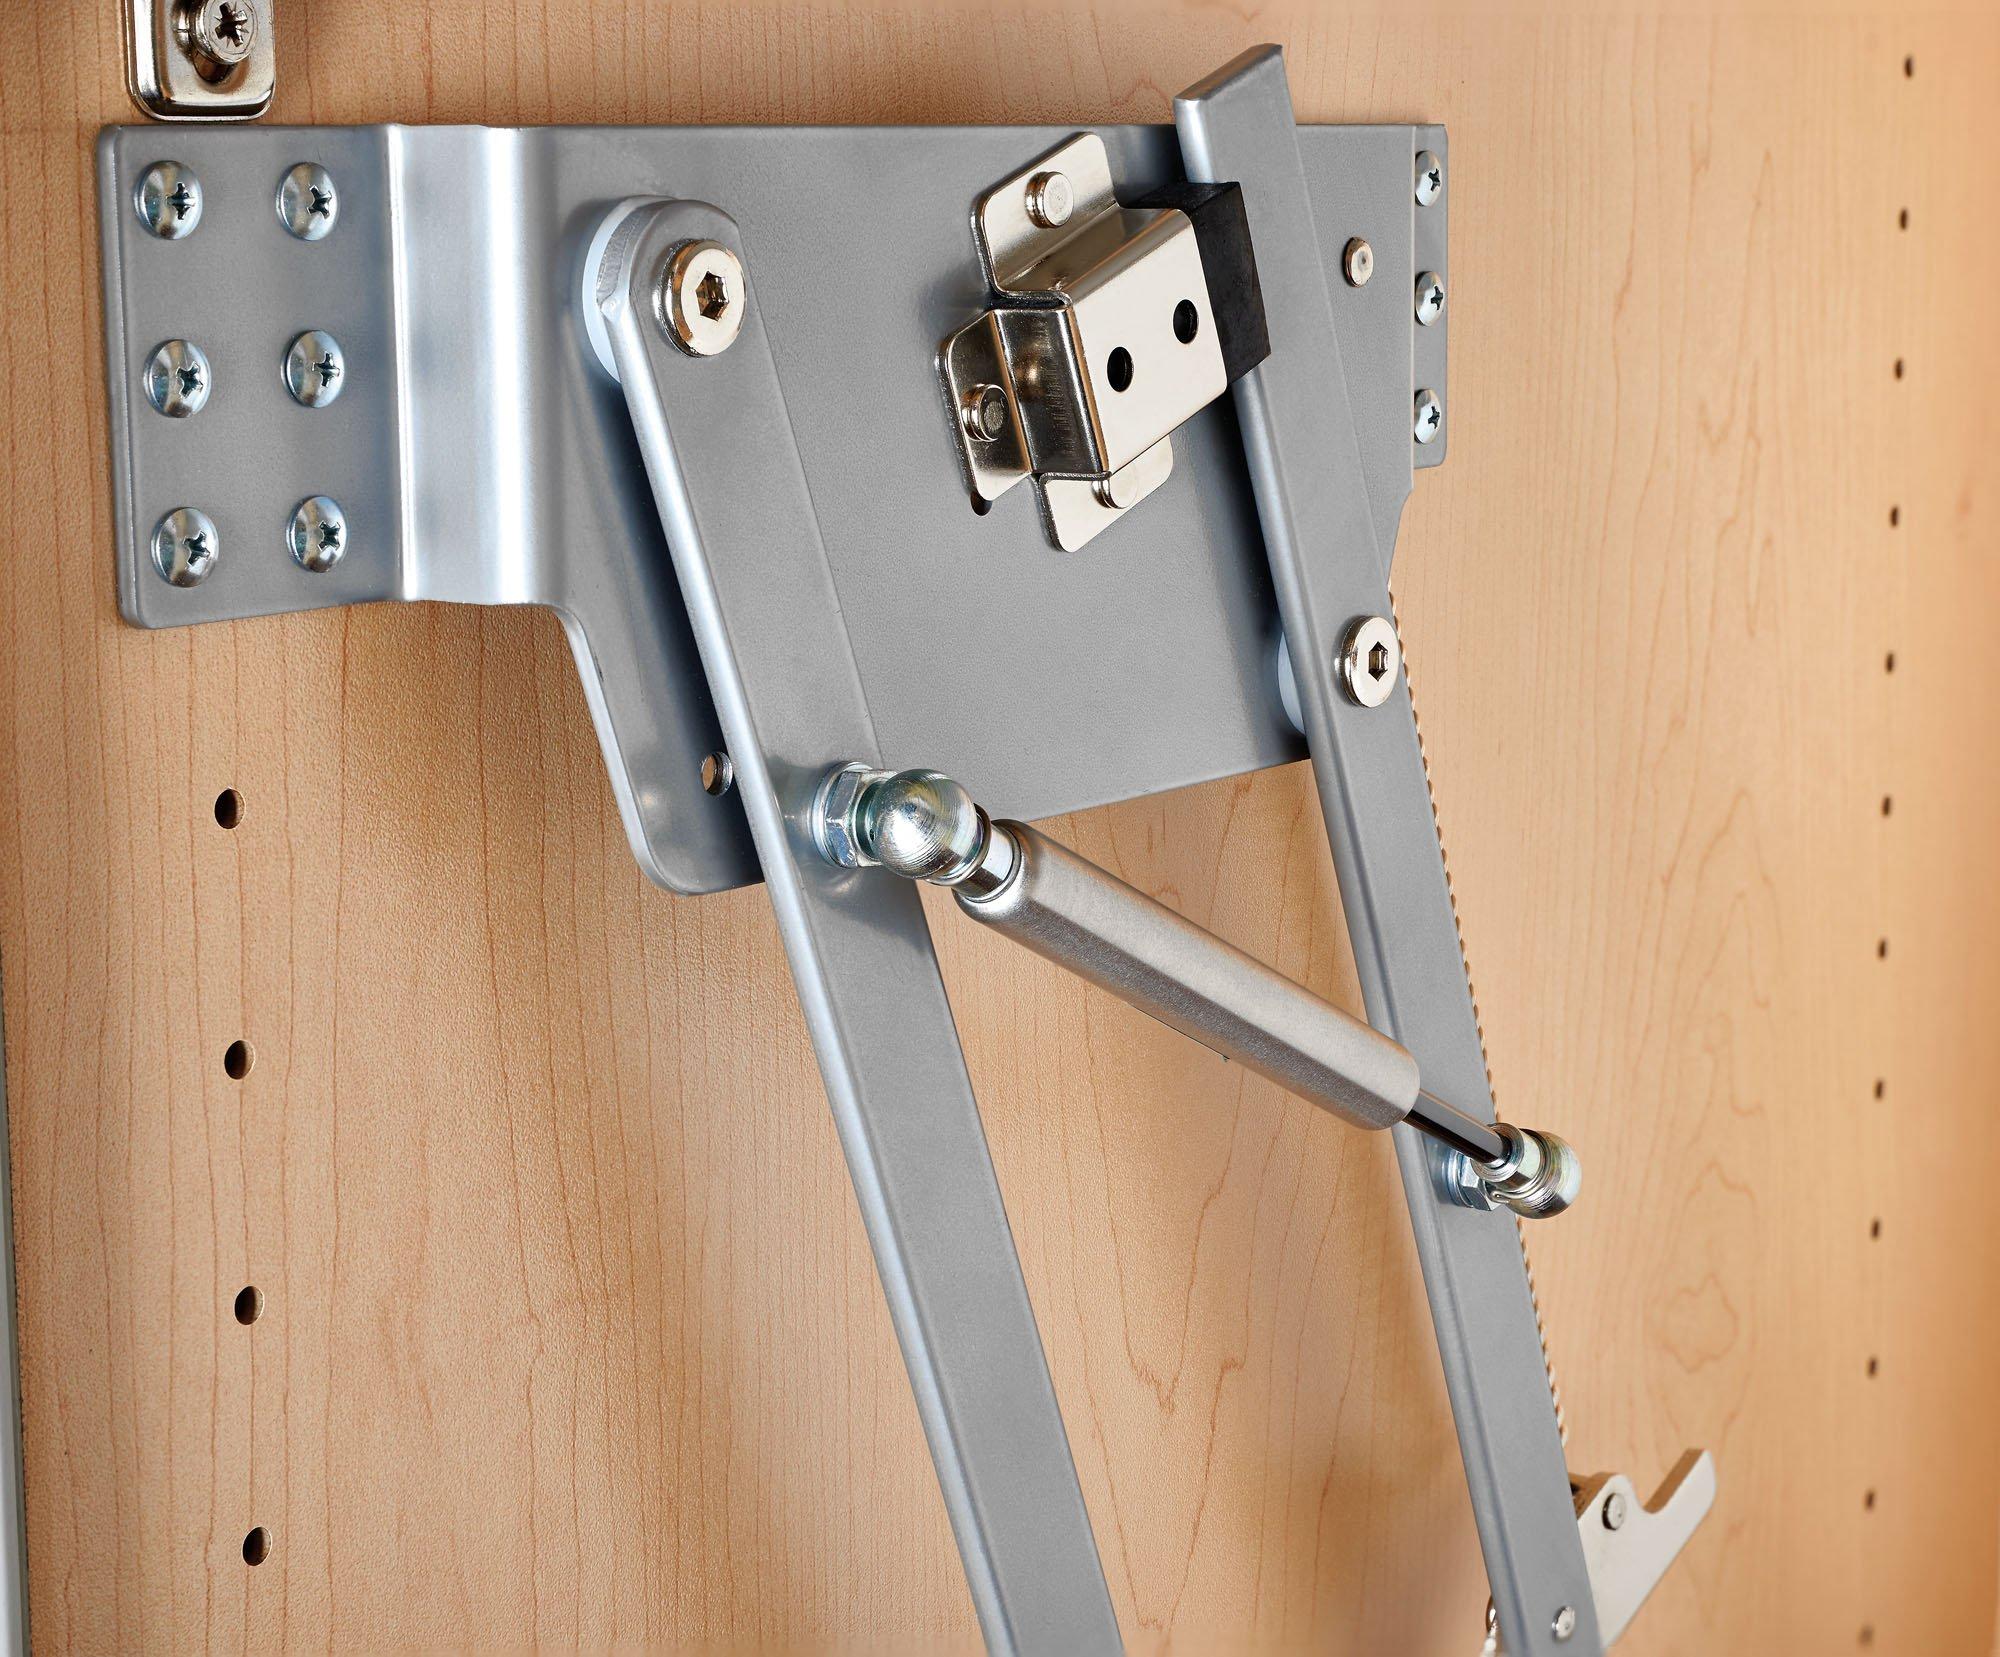 Rev-A-Shelf RAS-ML-HDSC Appliance Lift with Soft-Close Mechanism, Chrome by Rev-A-Shelf (Image #3)